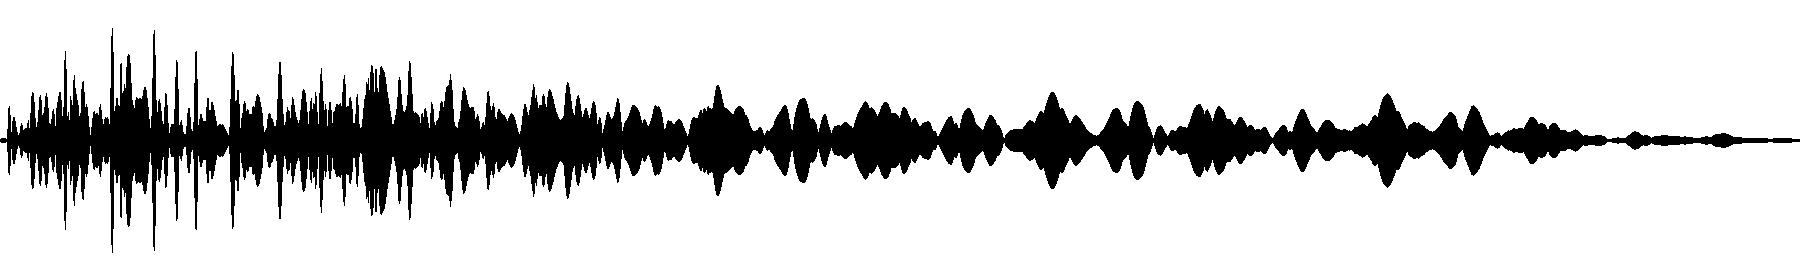 veh2 synths   022 c